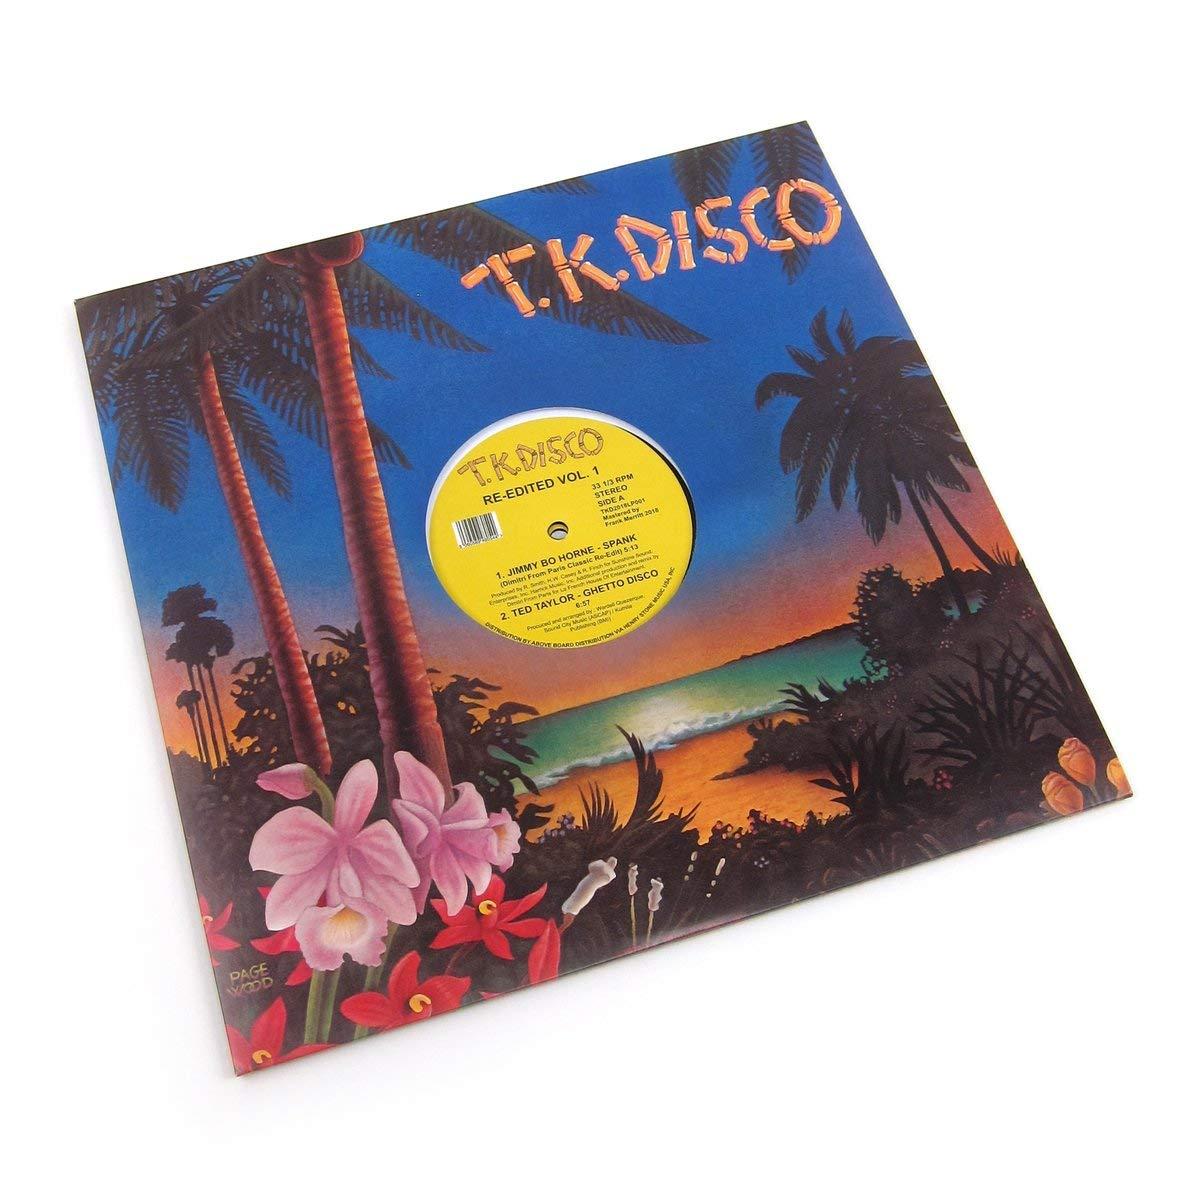 Album of the week: Various artists – TK Disco Re-edited Vol 1